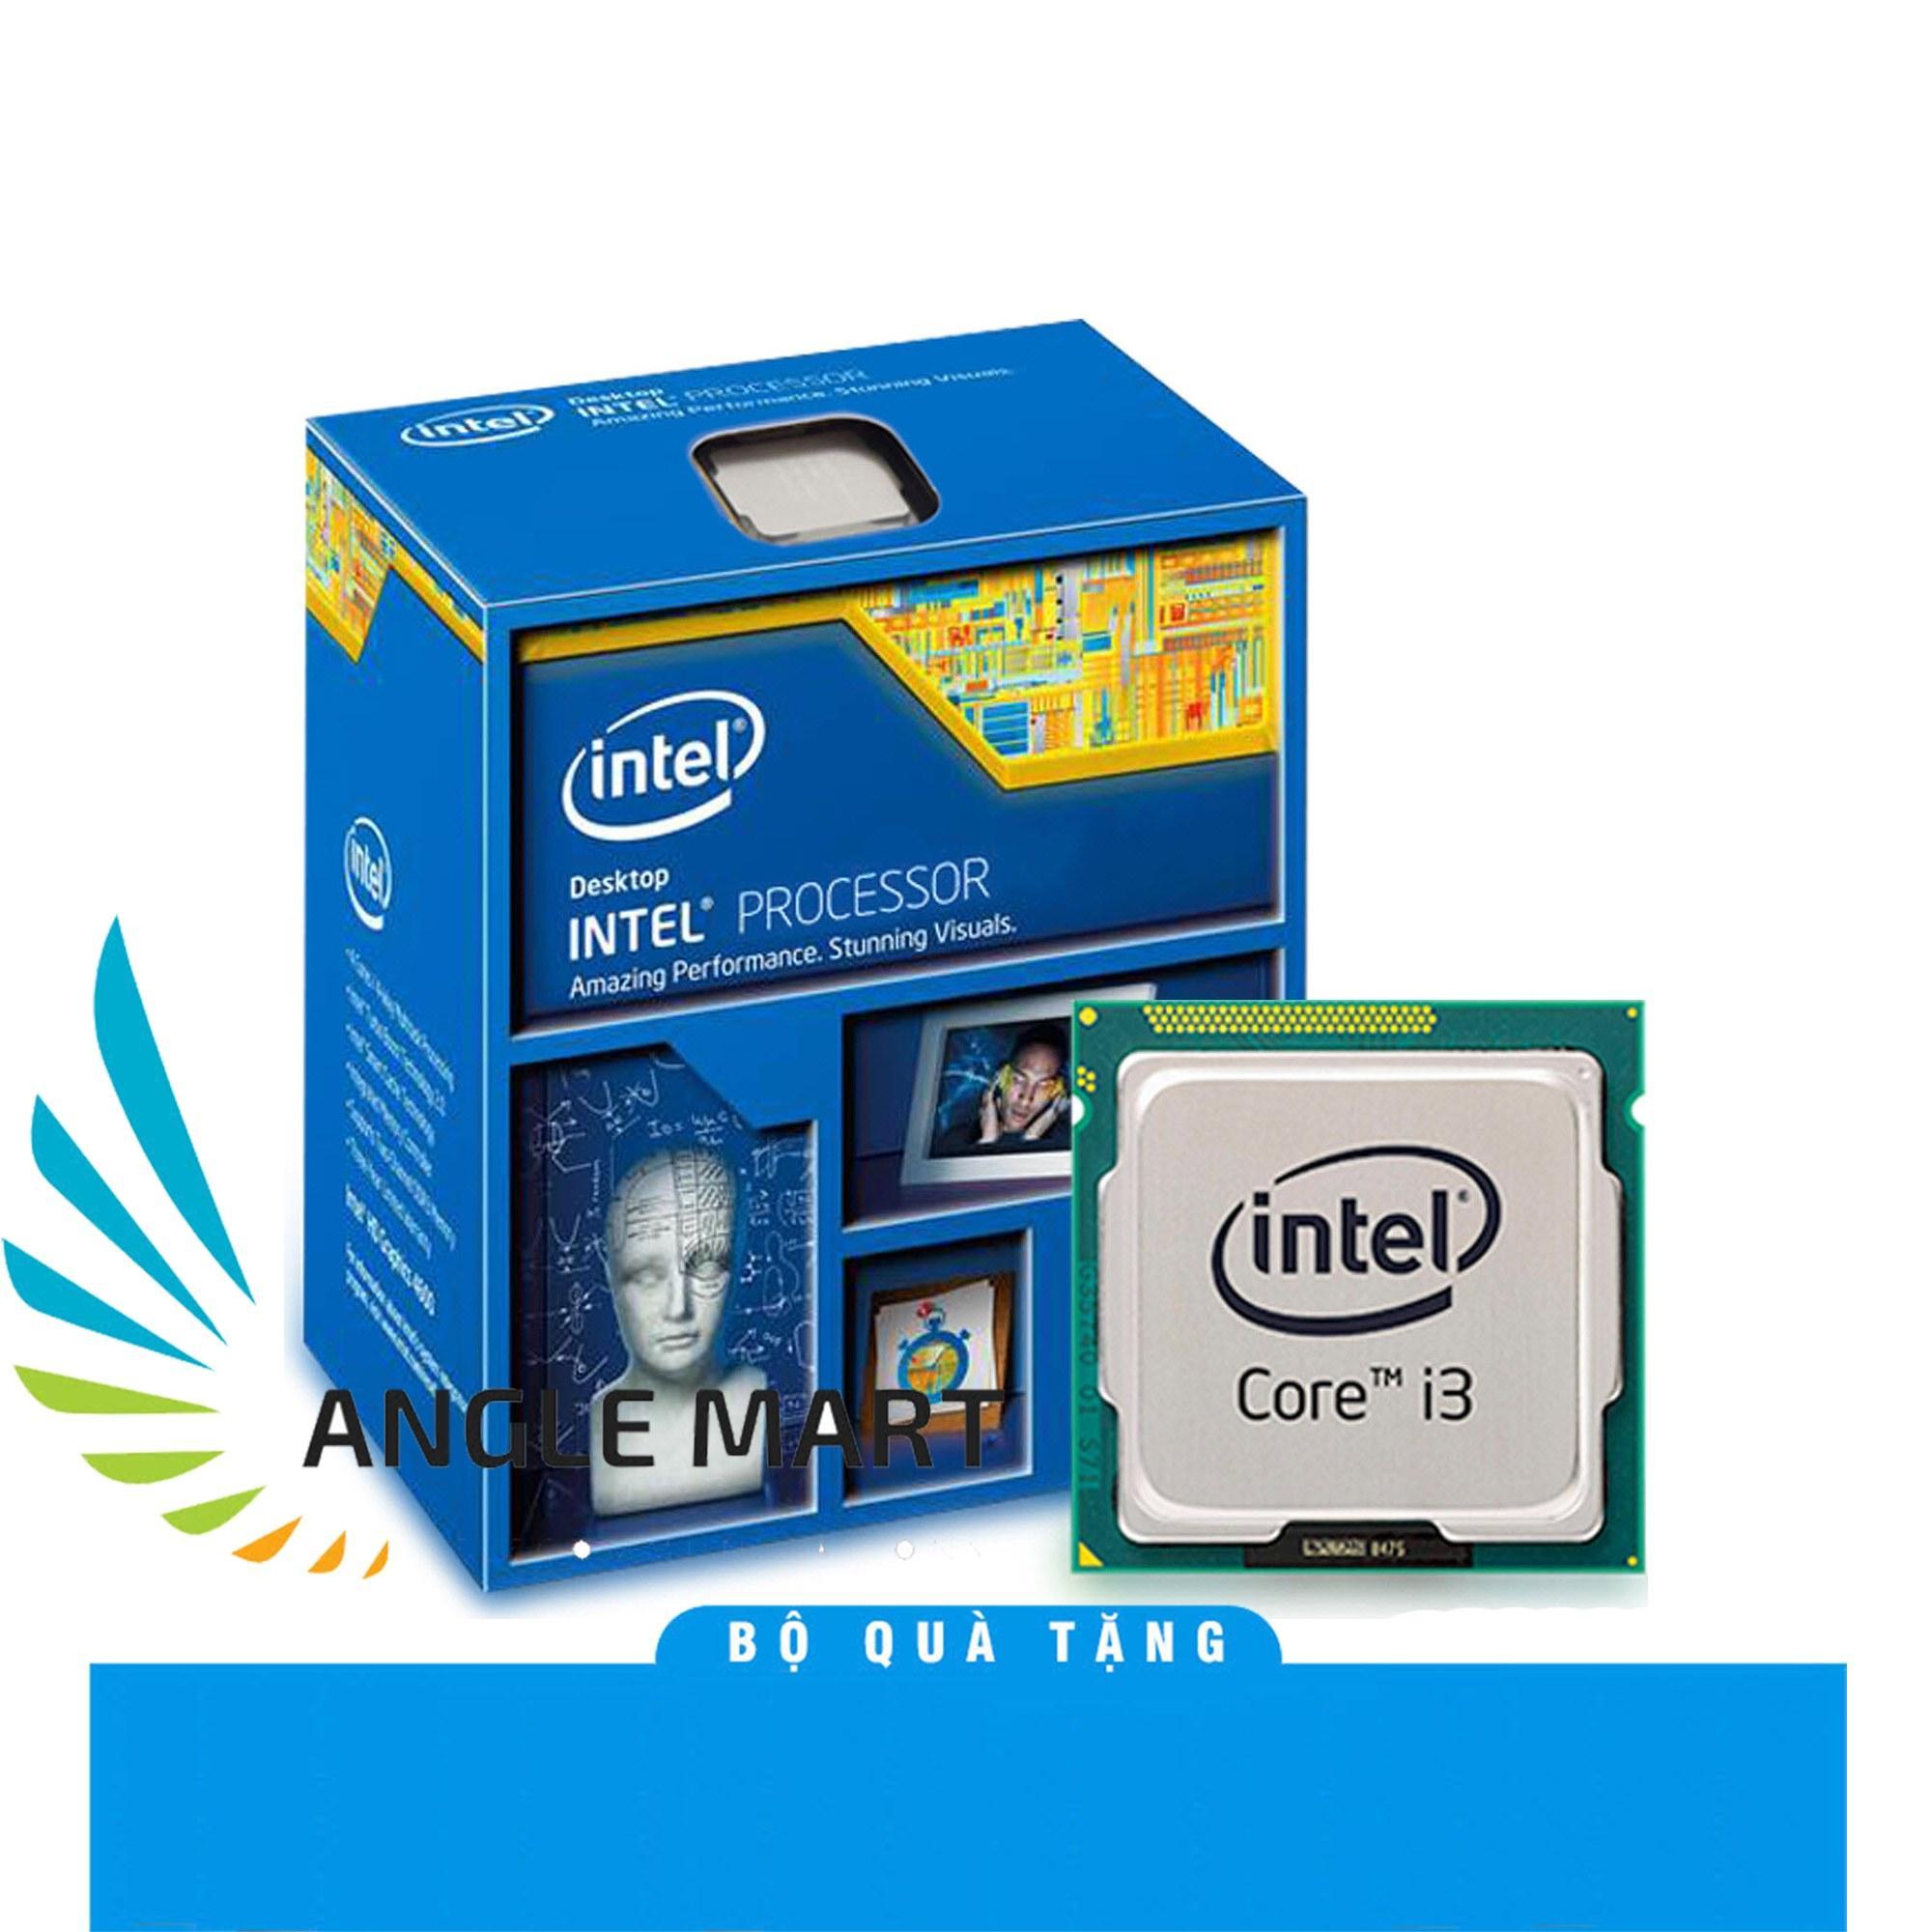 Giá Bộ vi xử lý Core I3 2120 (2 lõi - 4 luồng) + Bộ Quà Tặng